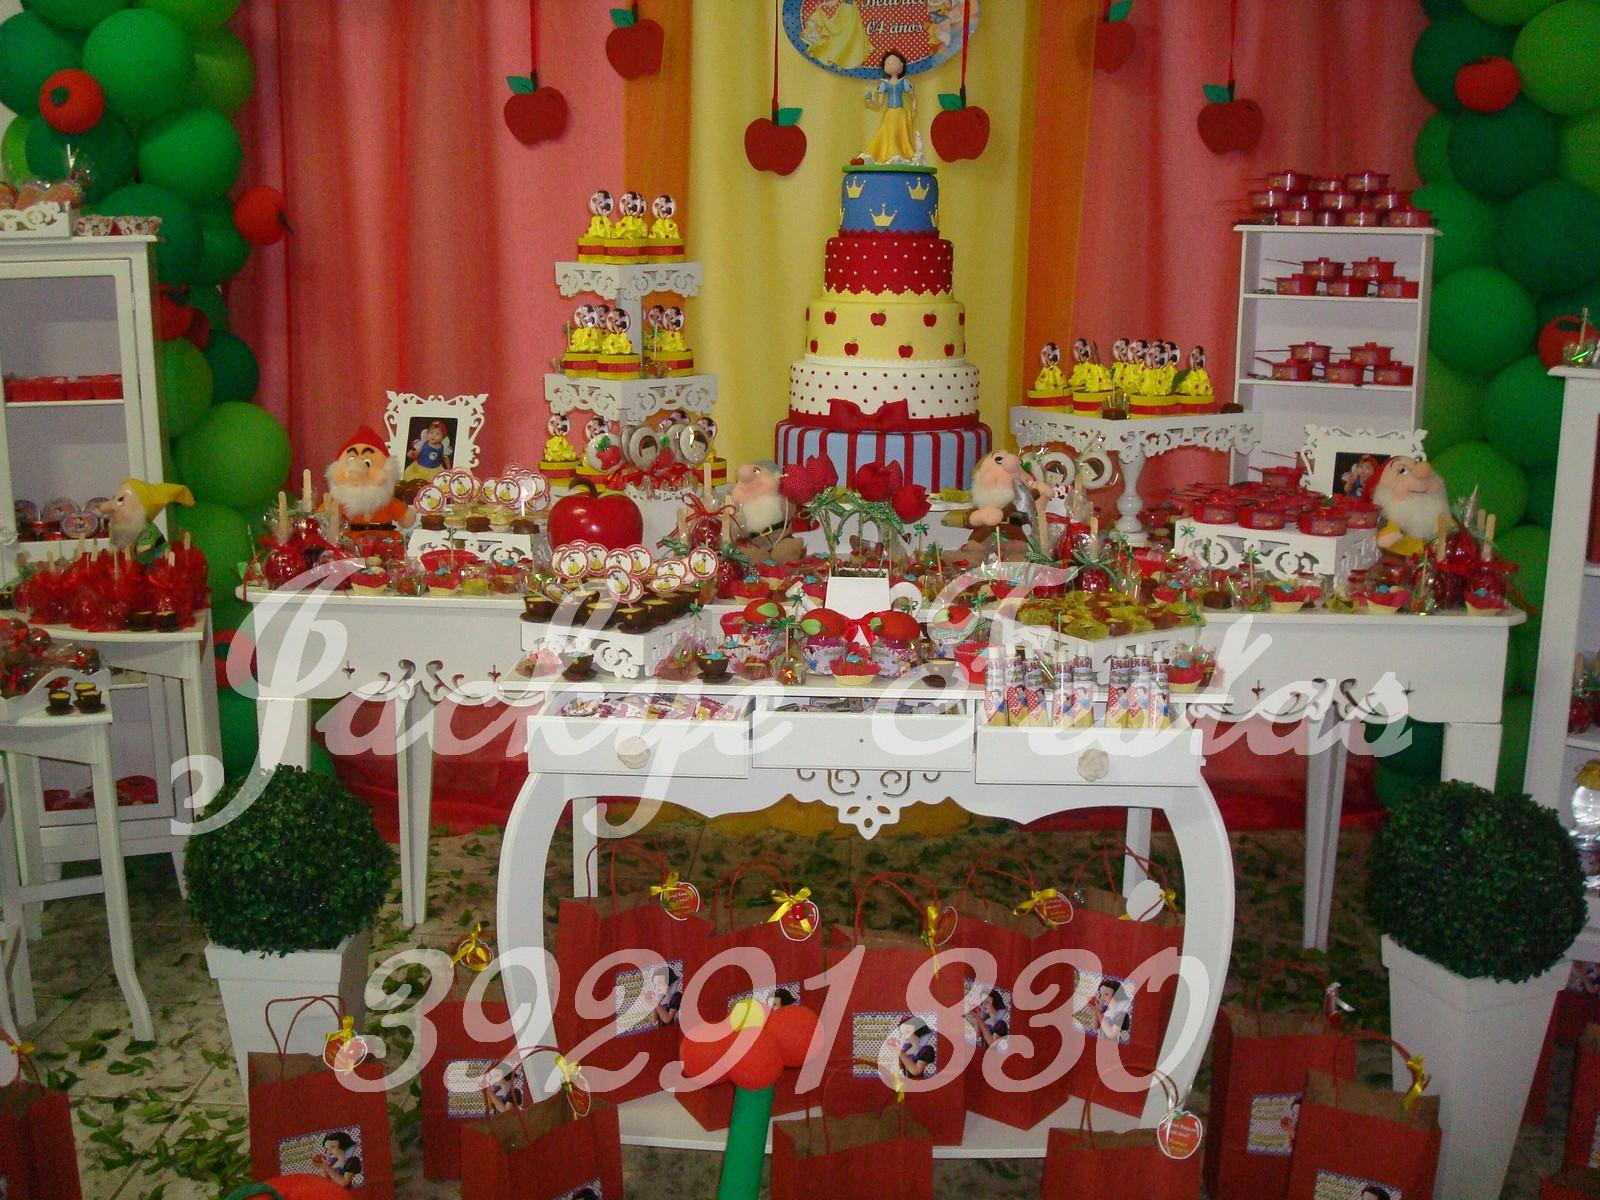 decoracao festa infantil branca de neve provencal : decoracao festa infantil branca de neve provencal:Provencal Branca De Neve Decoracao Festa Provencal Branca De Neve